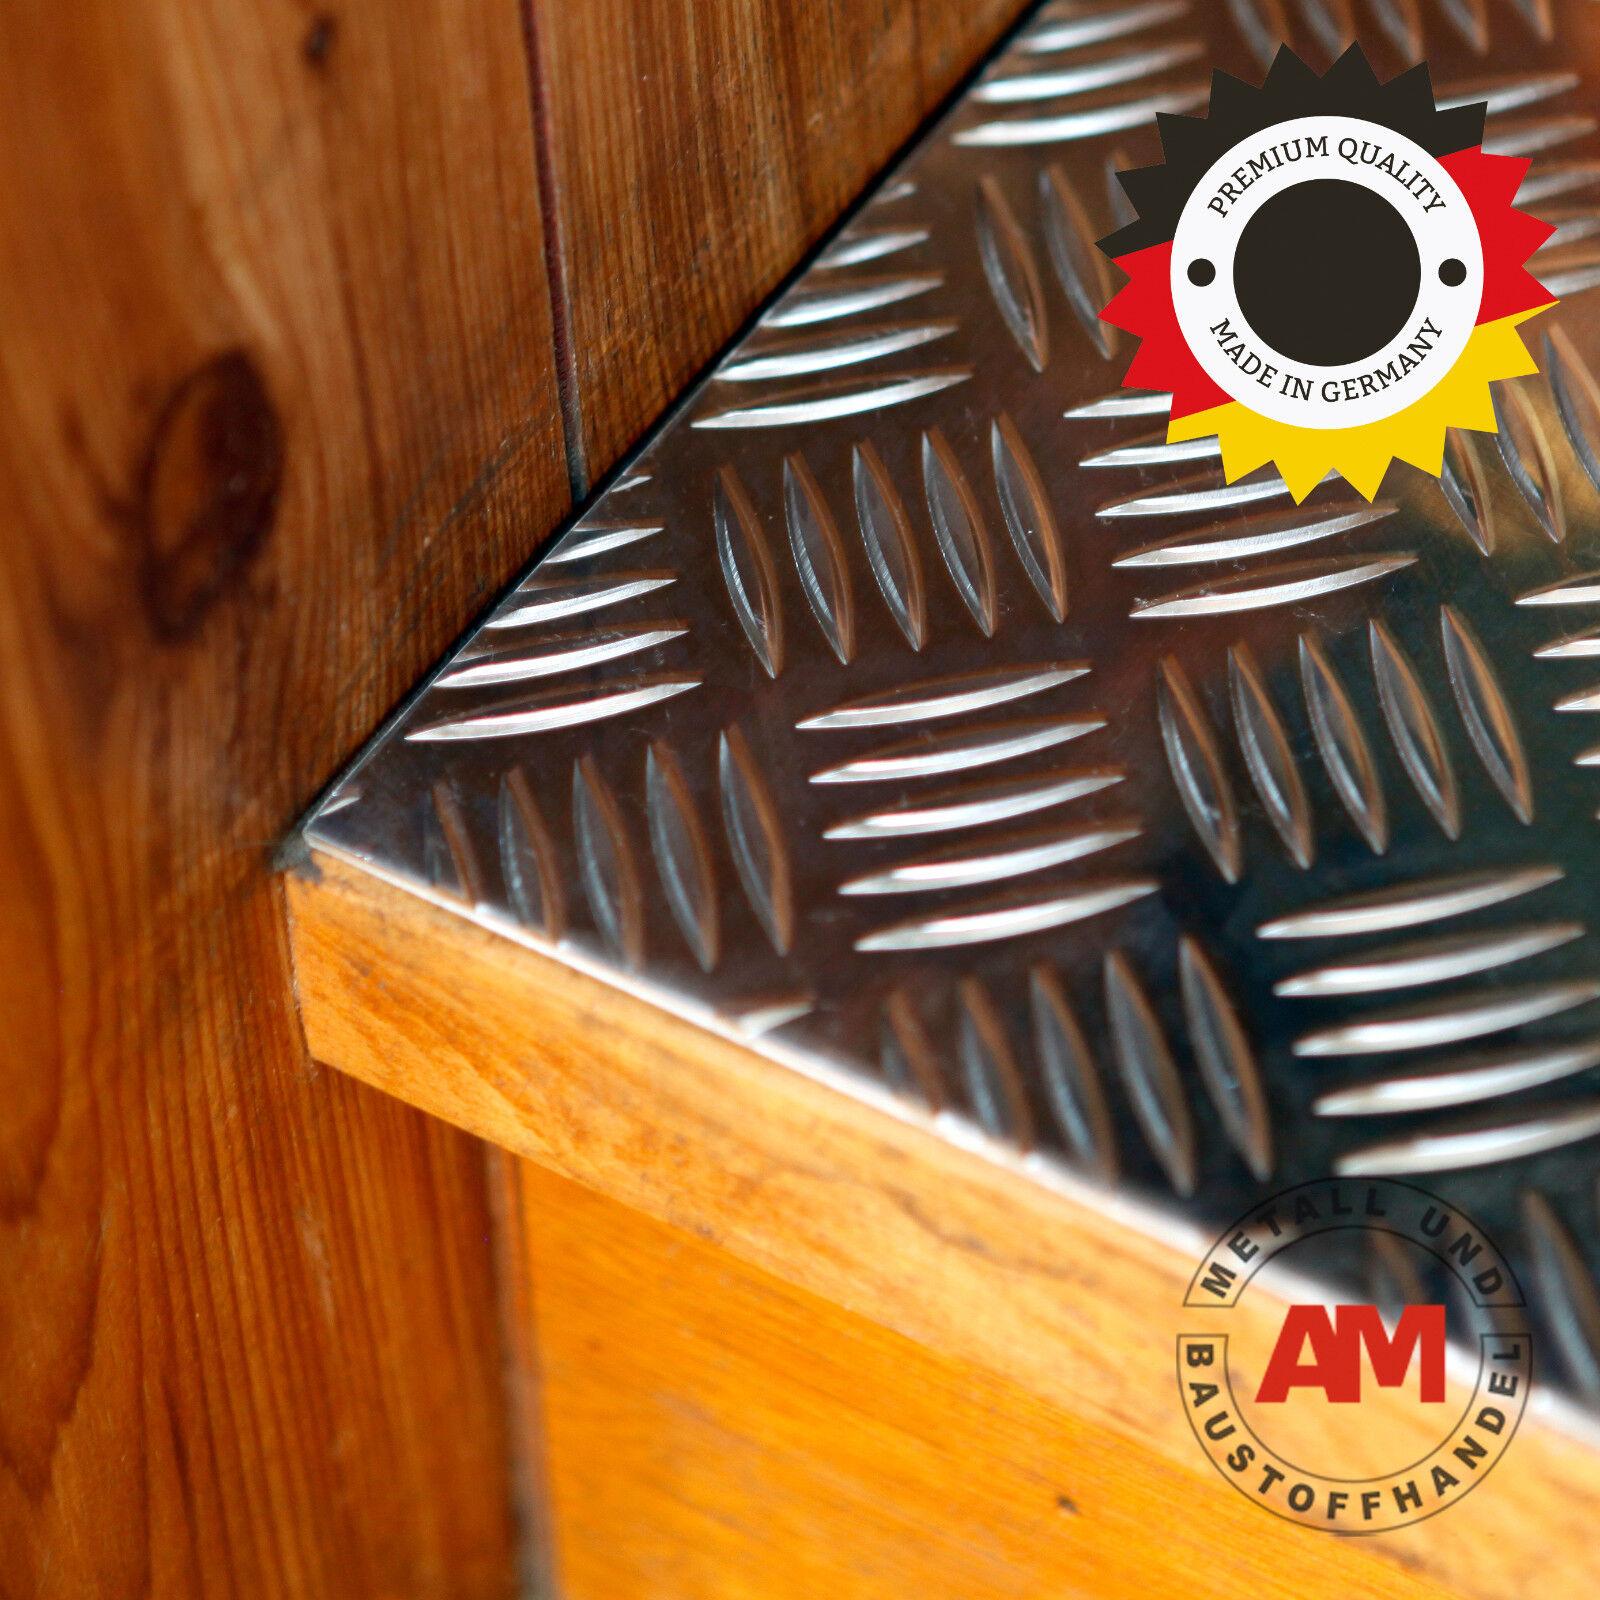 Alu Riffelblech 2,5 4,0mm Quintett 500x2000mm Aluminium Blech Warzenblech